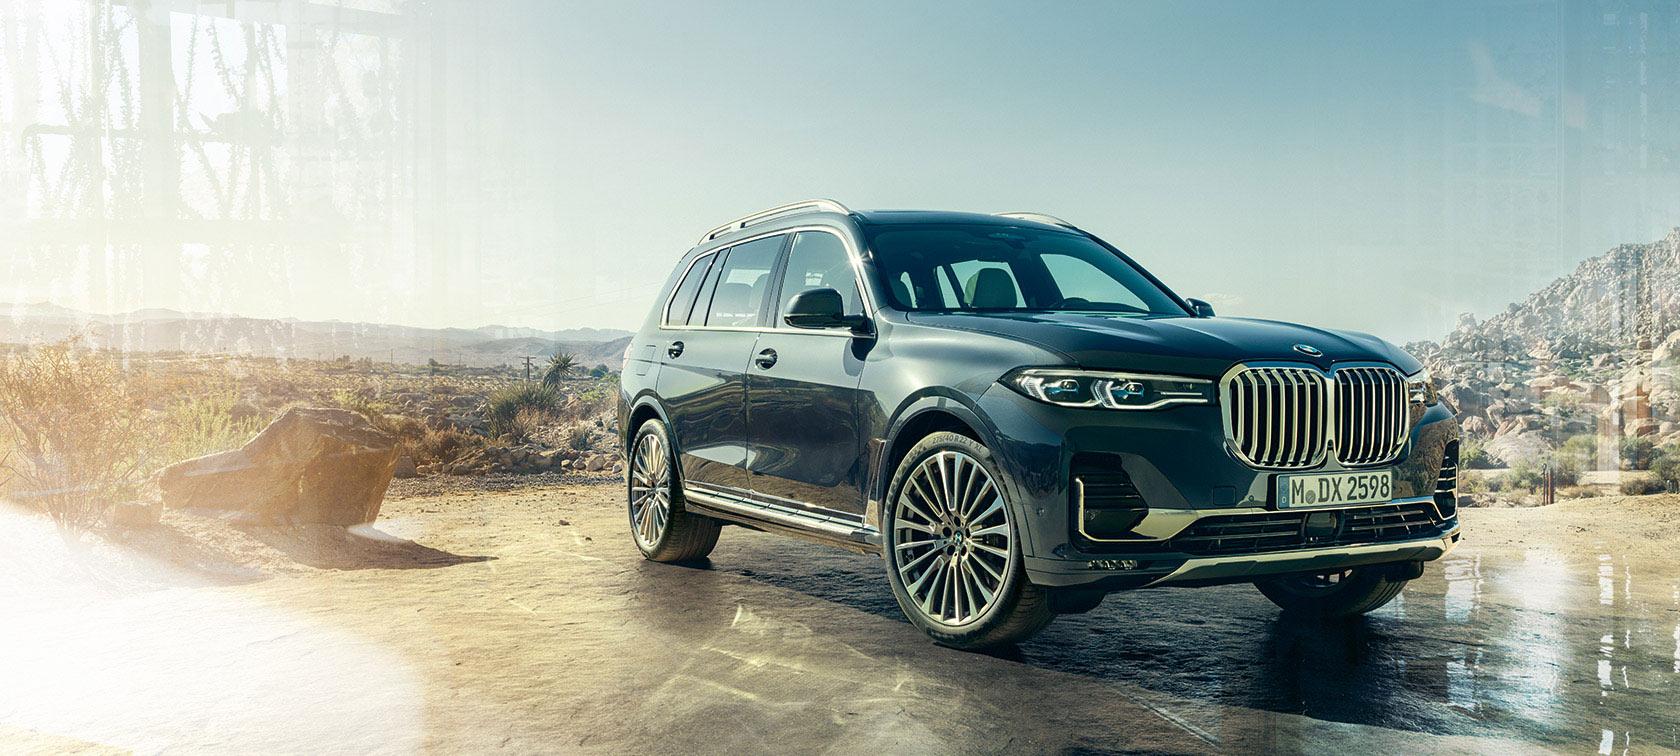 BMW X7 | New Vehicles | BMW UK